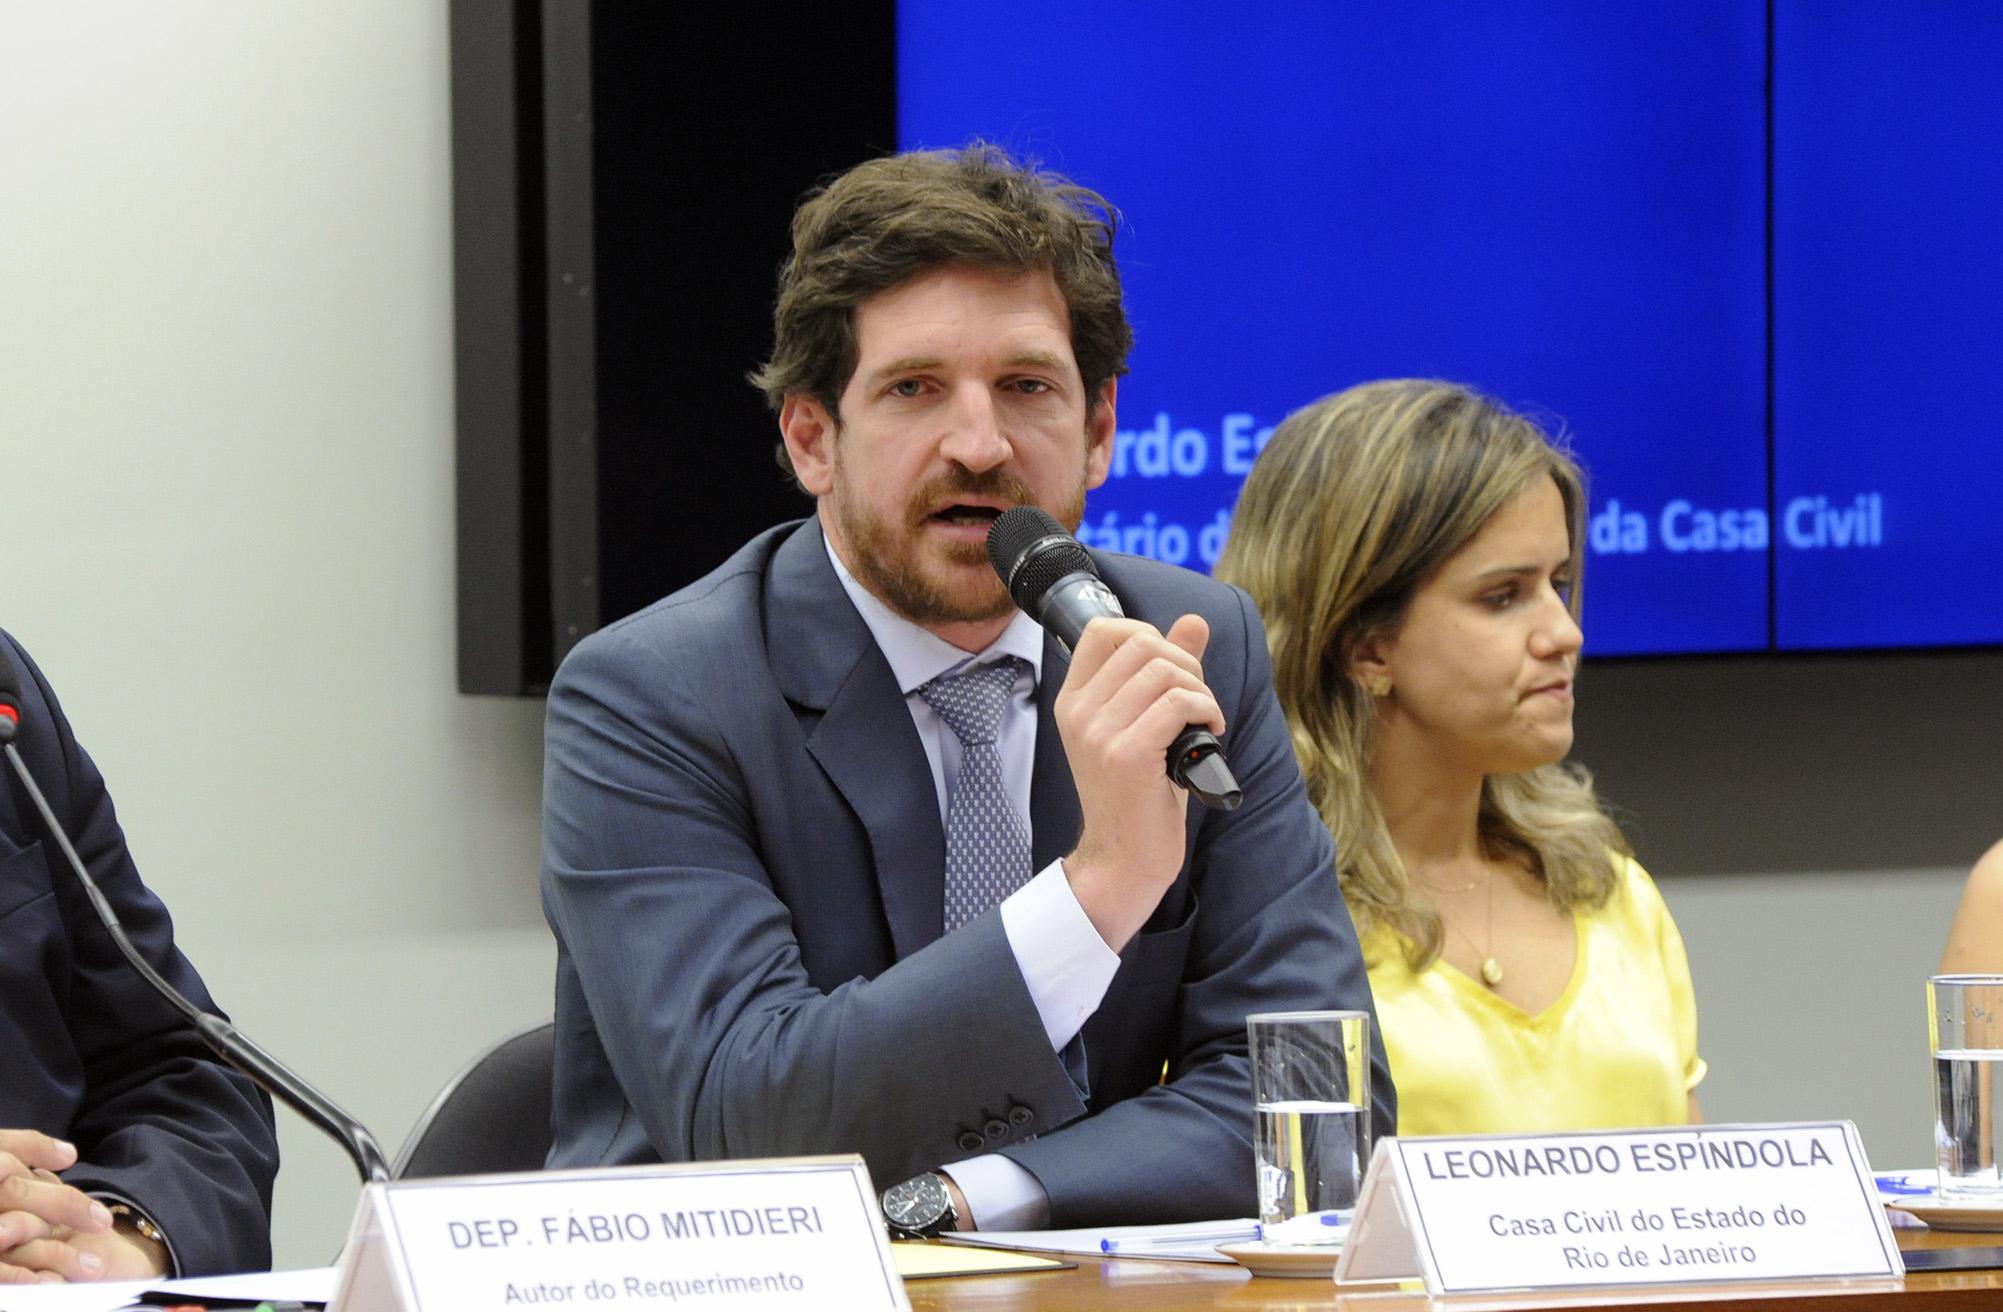 Audiência Pública para discutir sobre a saúde da Baia de Guanabara para realização das atividades aquáticas nos Jogos Olímpicos Rio-2016. Representante da Casa Civil do RJ, Leonardo Espíndola